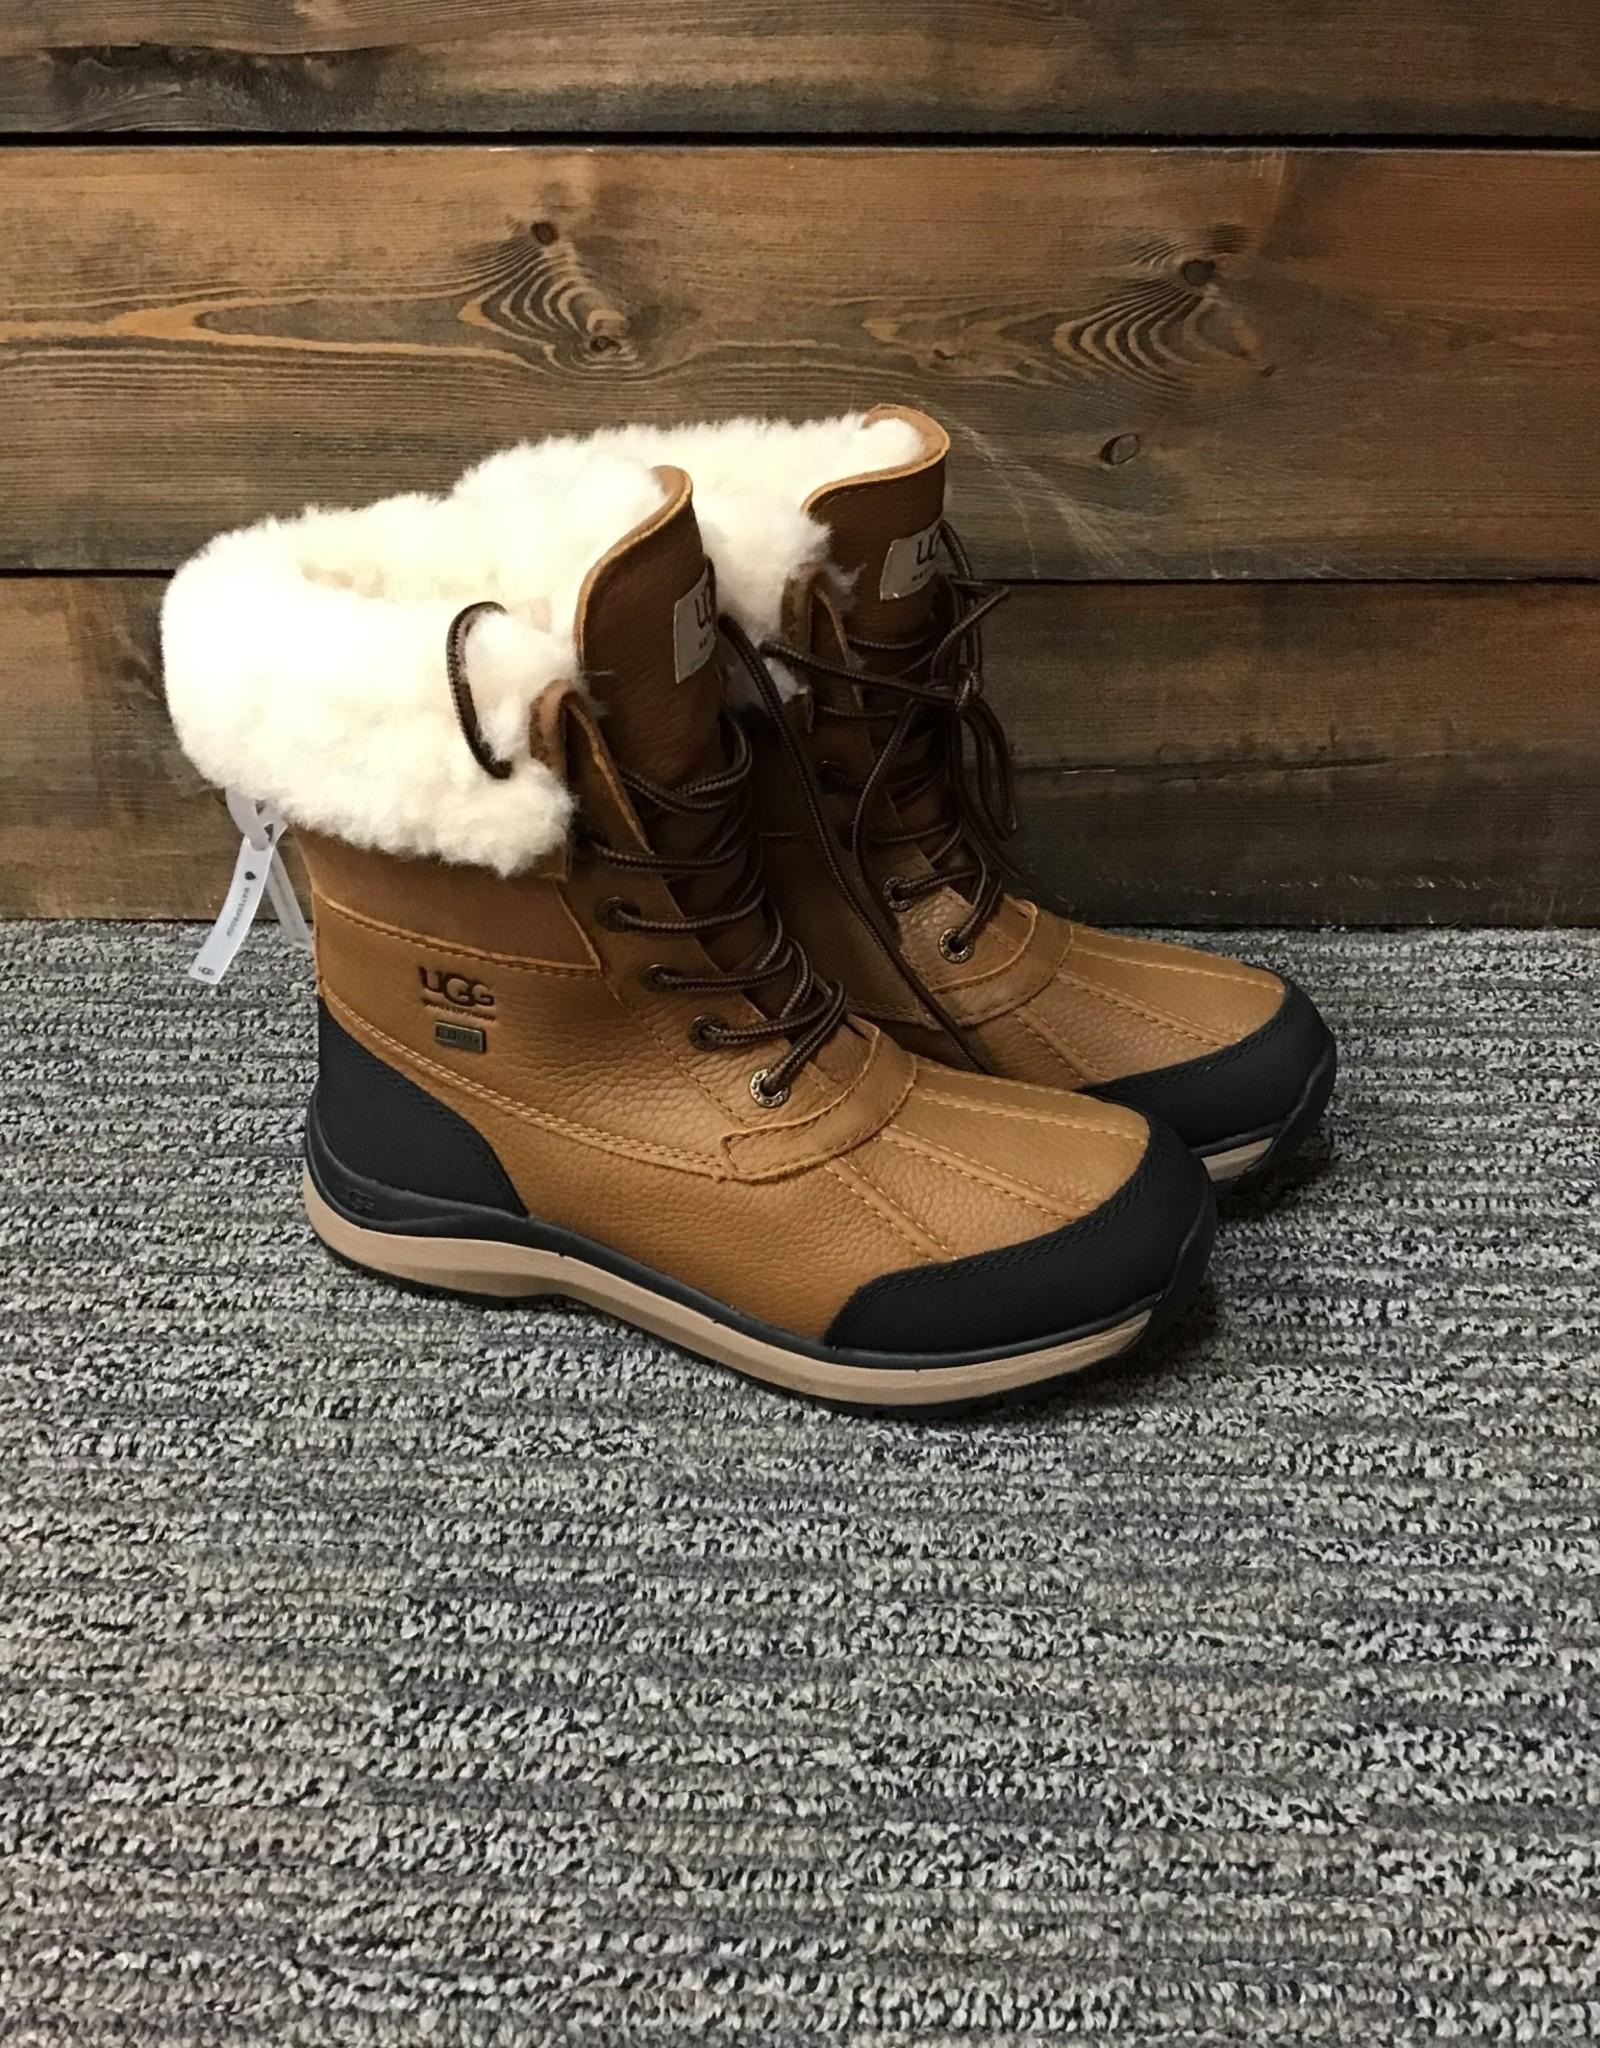 Ugg Ugg Adirondack Boot III Ladies'